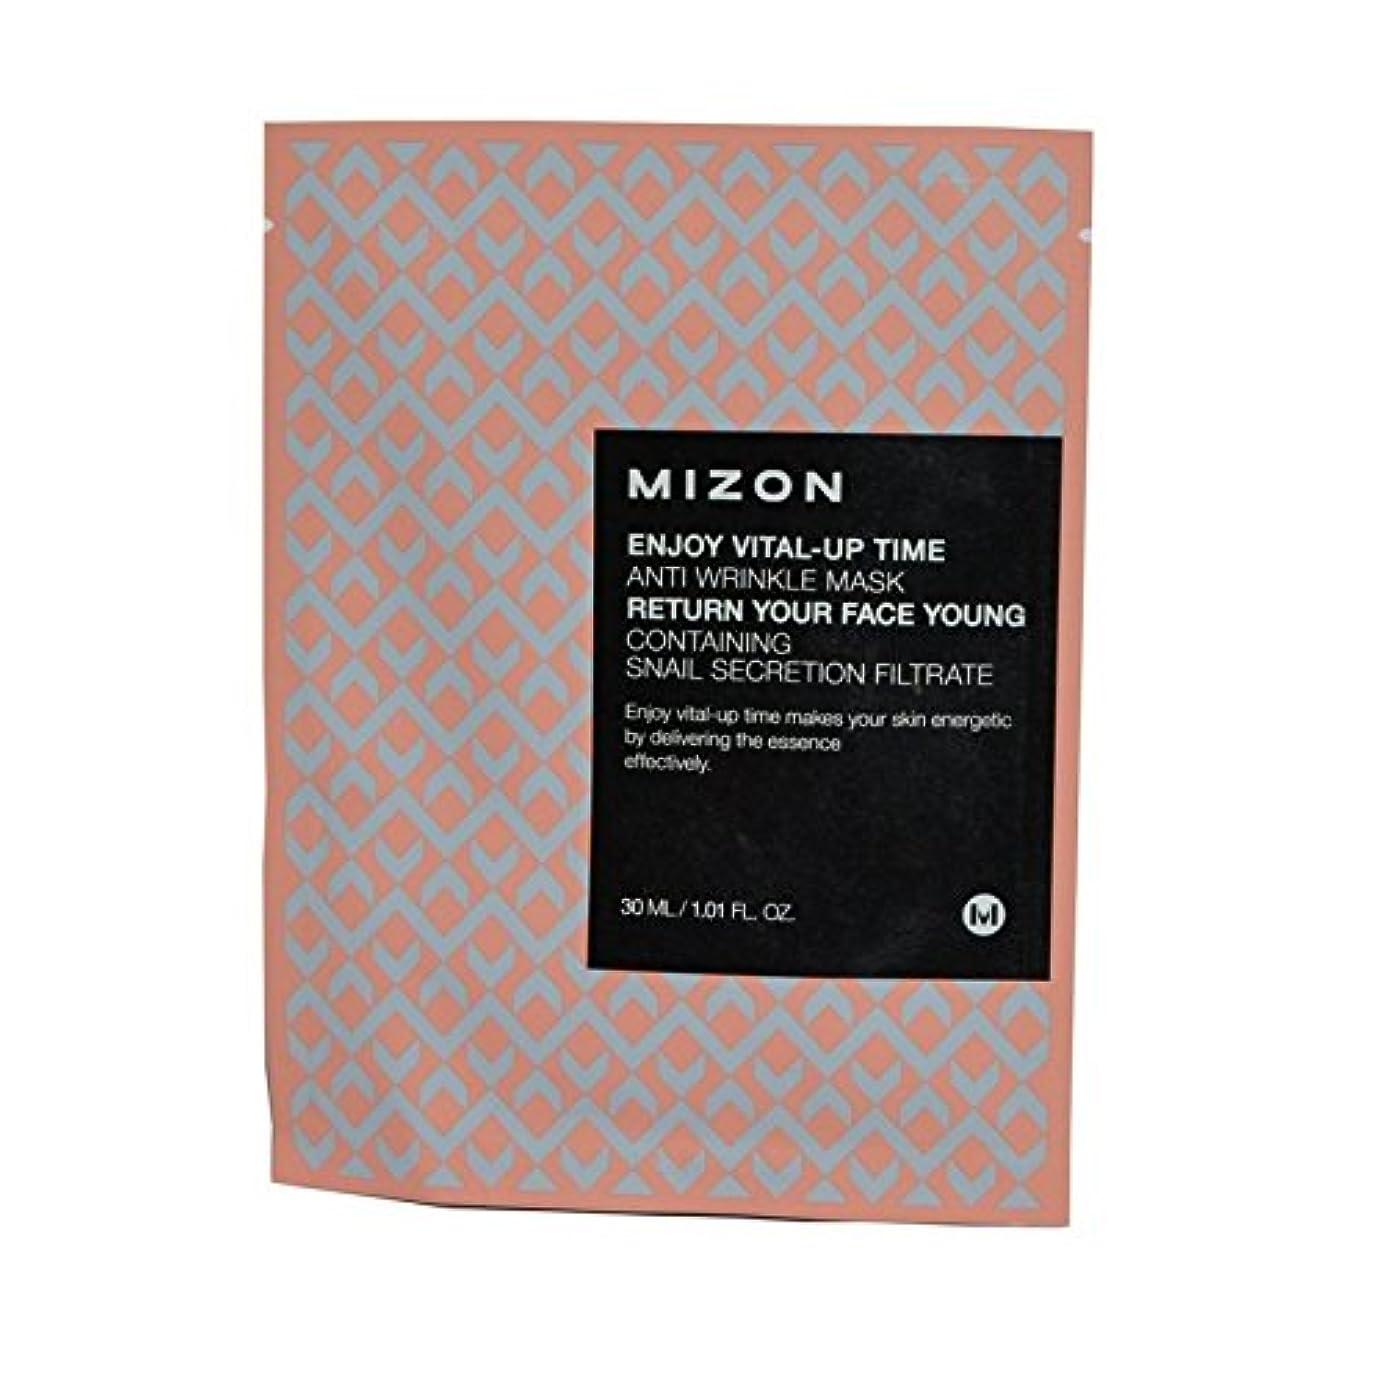 に慣れパーツ確かなMizon Enjoy Vital Up Time Anti-Wrinkle Mask (Pack of 6) - が不可欠アップ時間抗しわマスクを楽しみます x6 [並行輸入品]